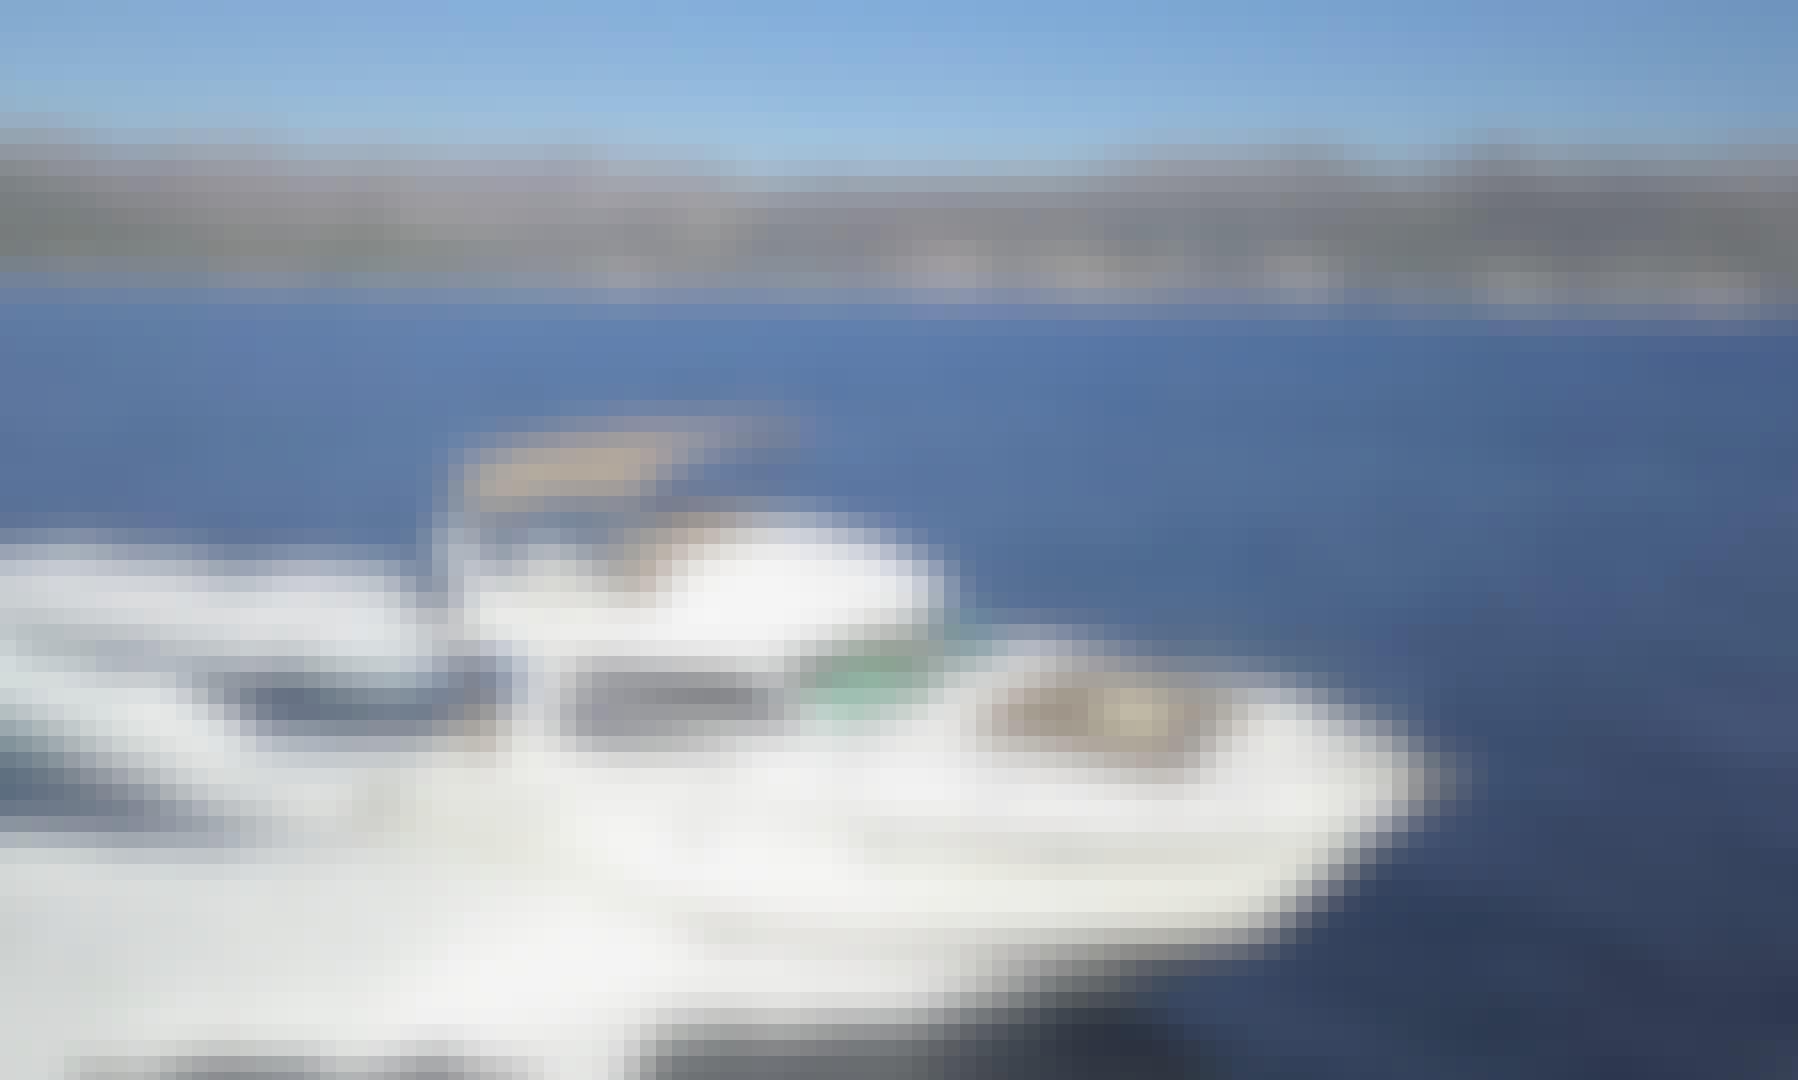 Jeanneau Prestige 42 Fly Luxury Yacht for Charter in Dubrovnik